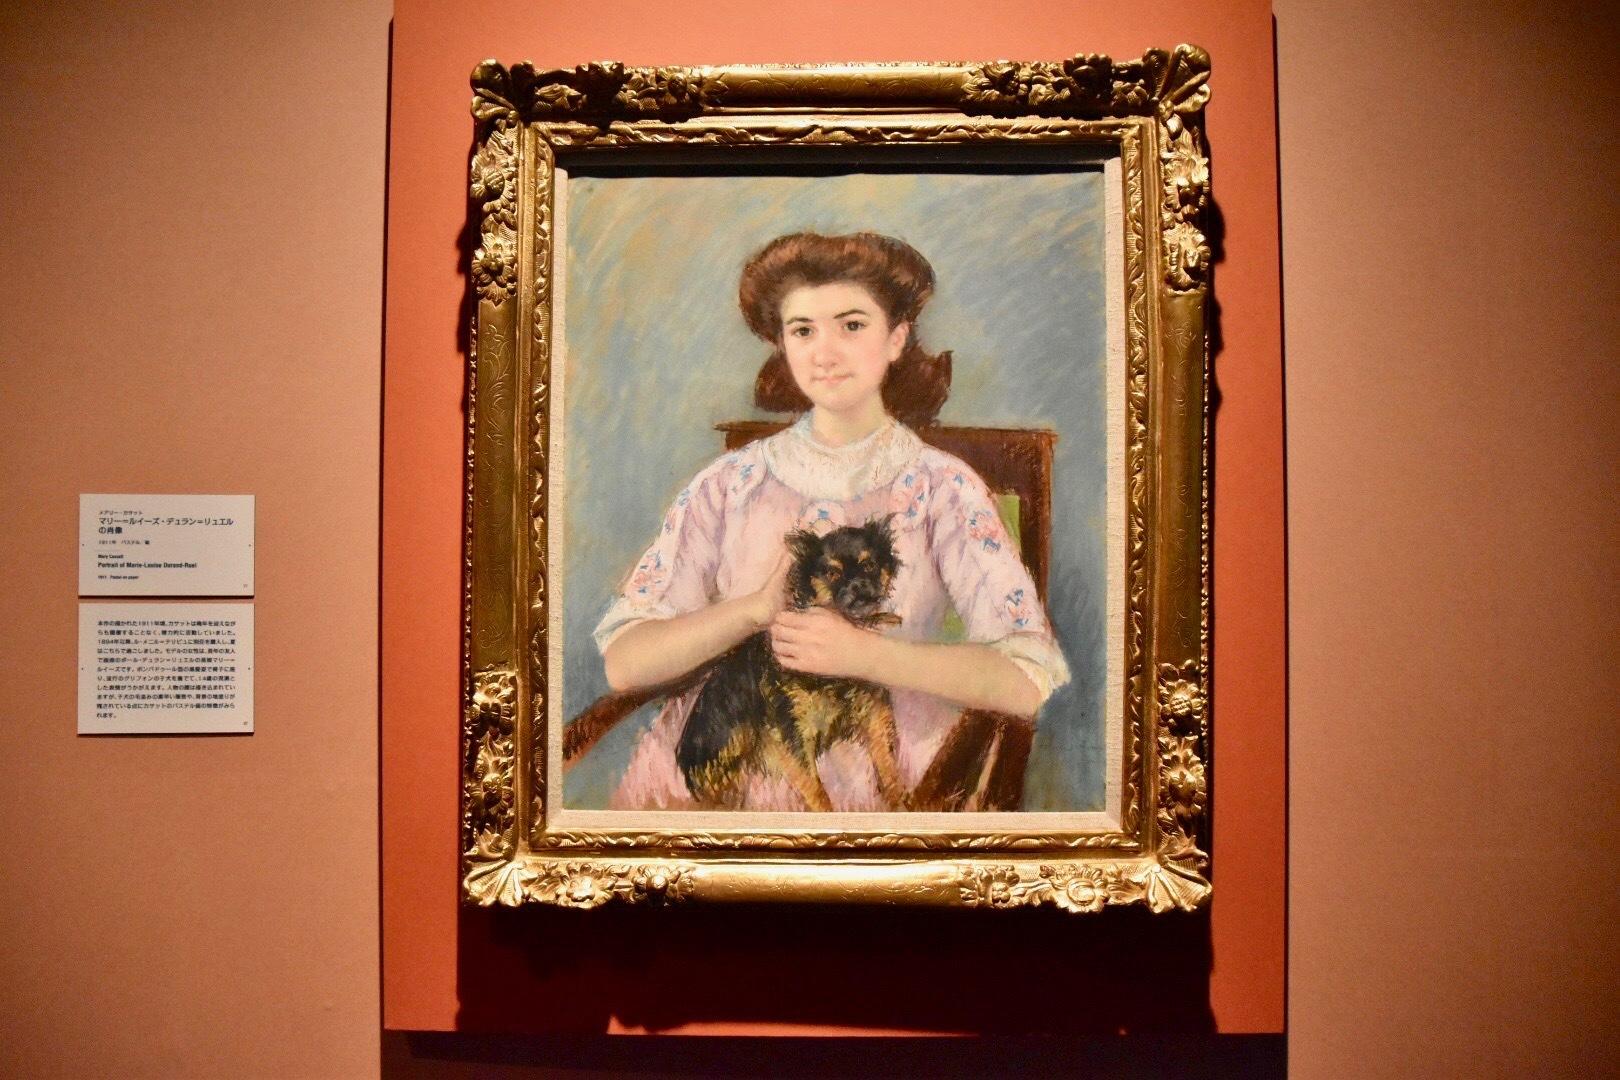 メアリー・カサット 《マリー=ルイーズ・デュラン=リュエルの肖像》 1911年 吉野石膏コレクション